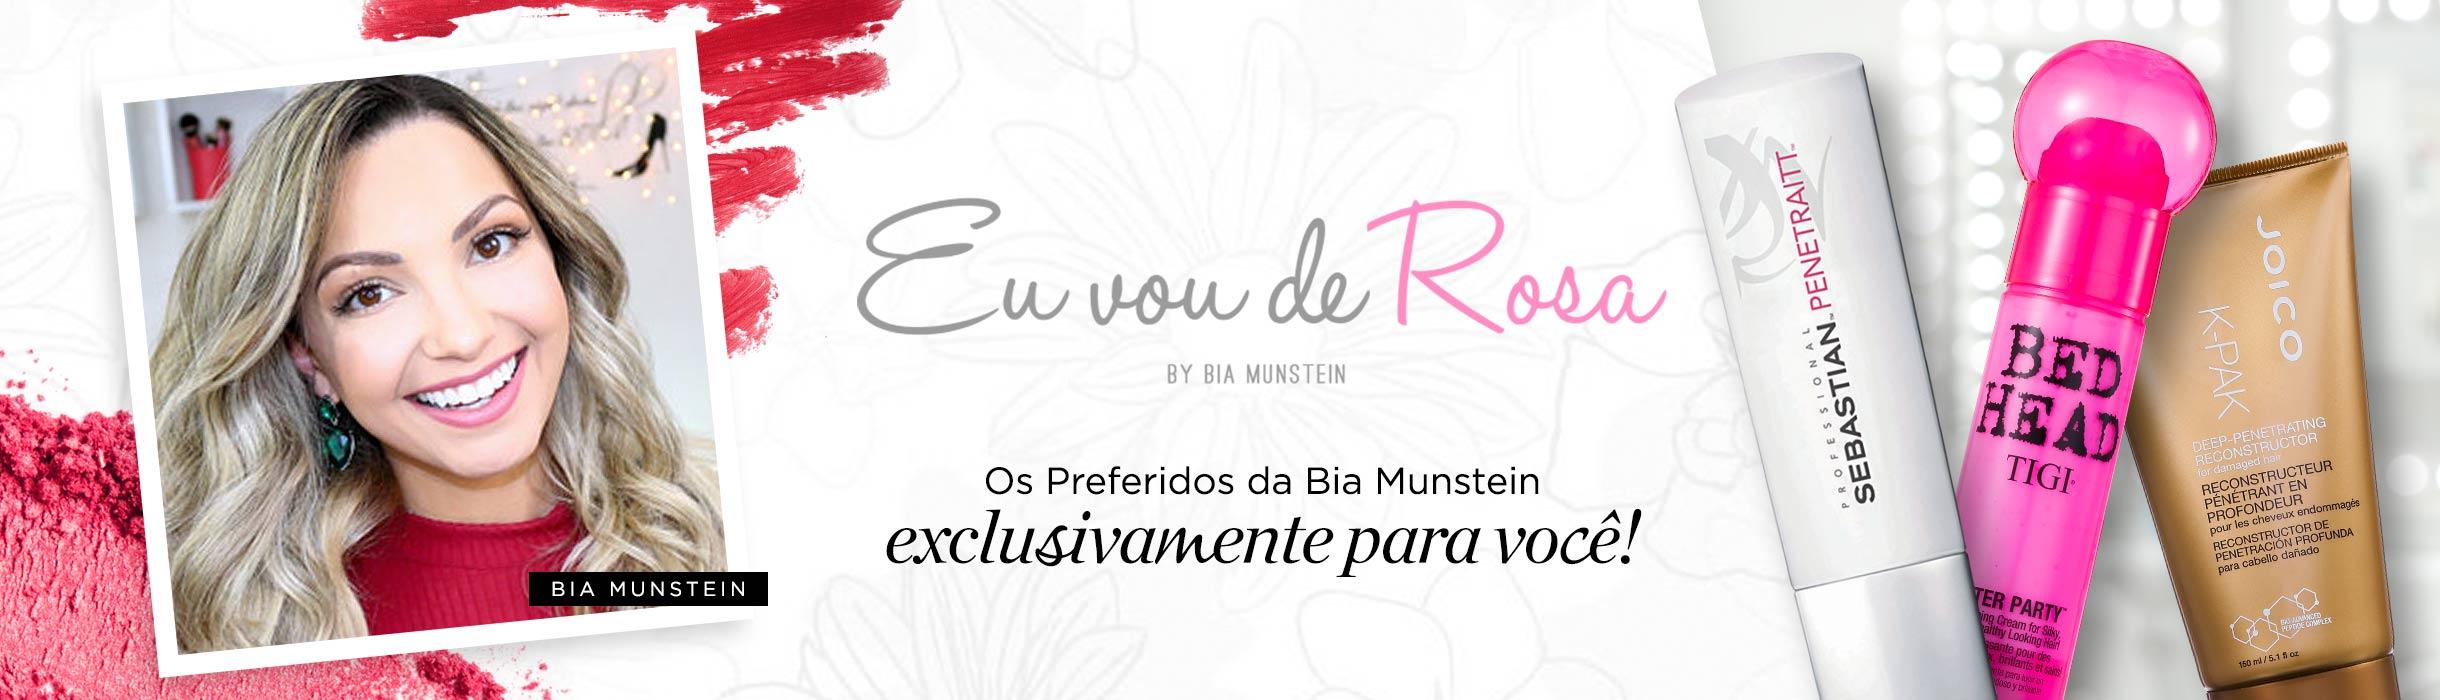 Eu vou de Rosa